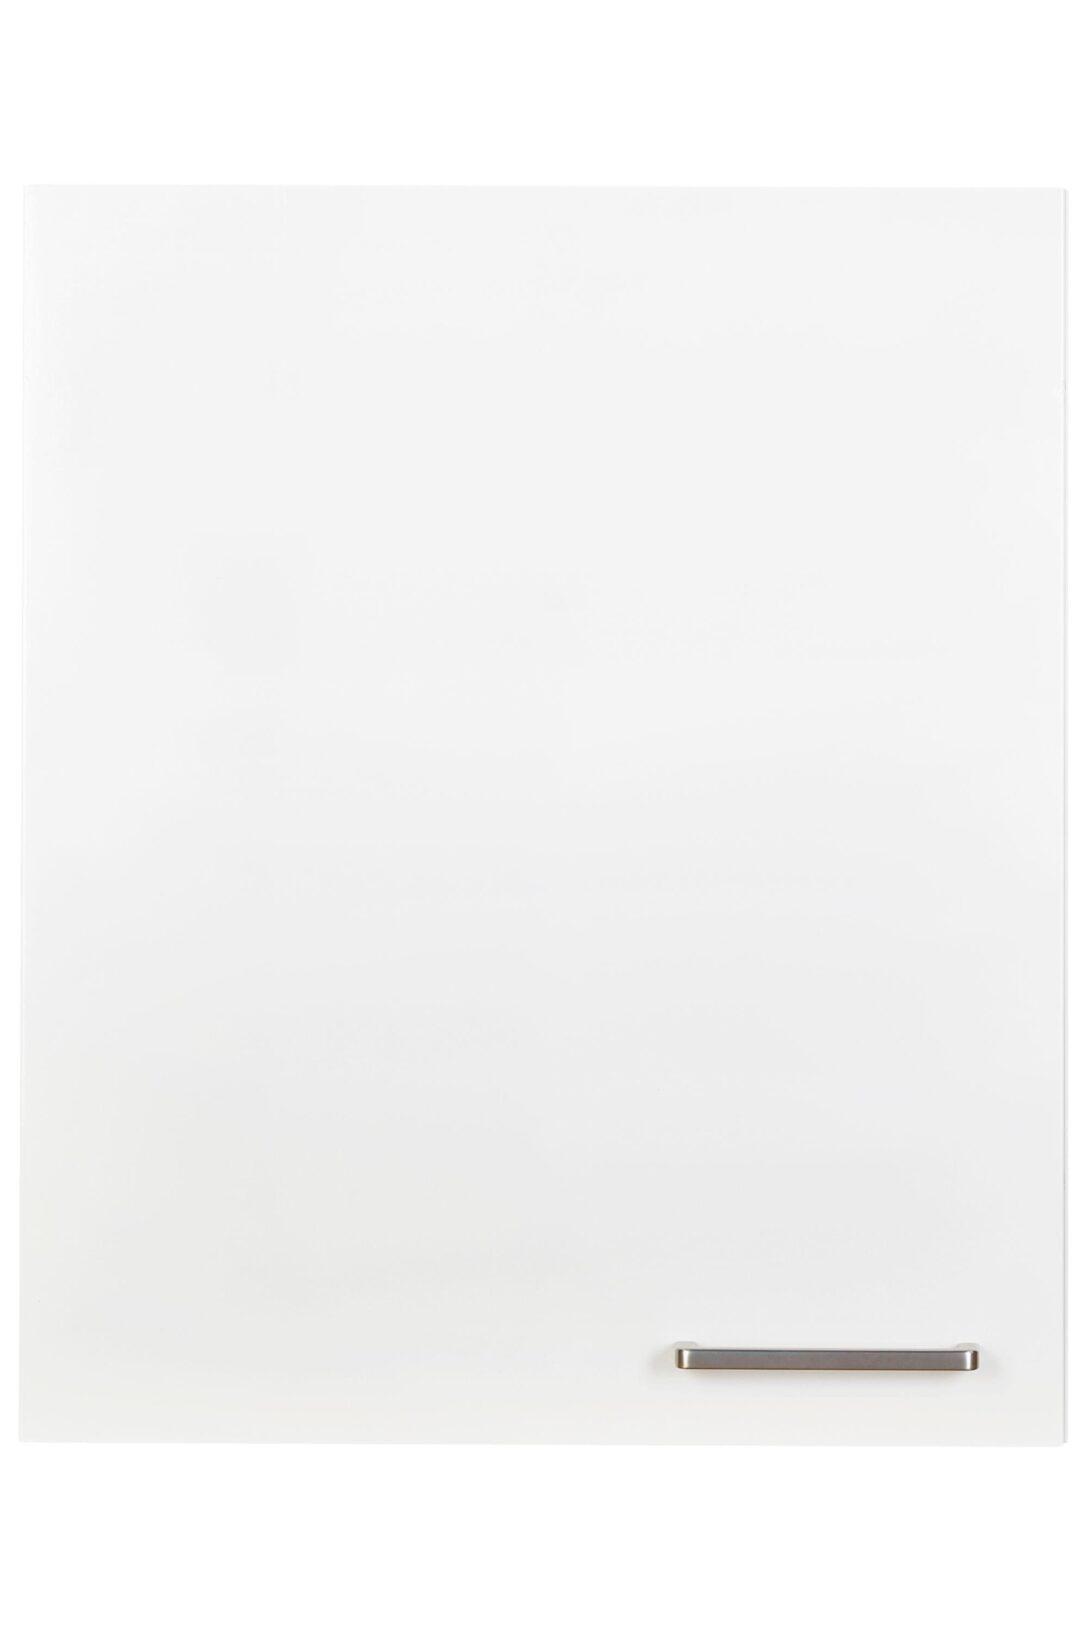 Large Size of Nobilia Wandschrank Kchen Hngeschrank In 30cm 45cm 60cm Wei Schlafzimmer Kommode Weiß Bett 180x200 Badezimmer Hochschrank Hochglanz Regal Offenes 90x200 Mit Wohnzimmer Küchen Hängeschrank Weiß